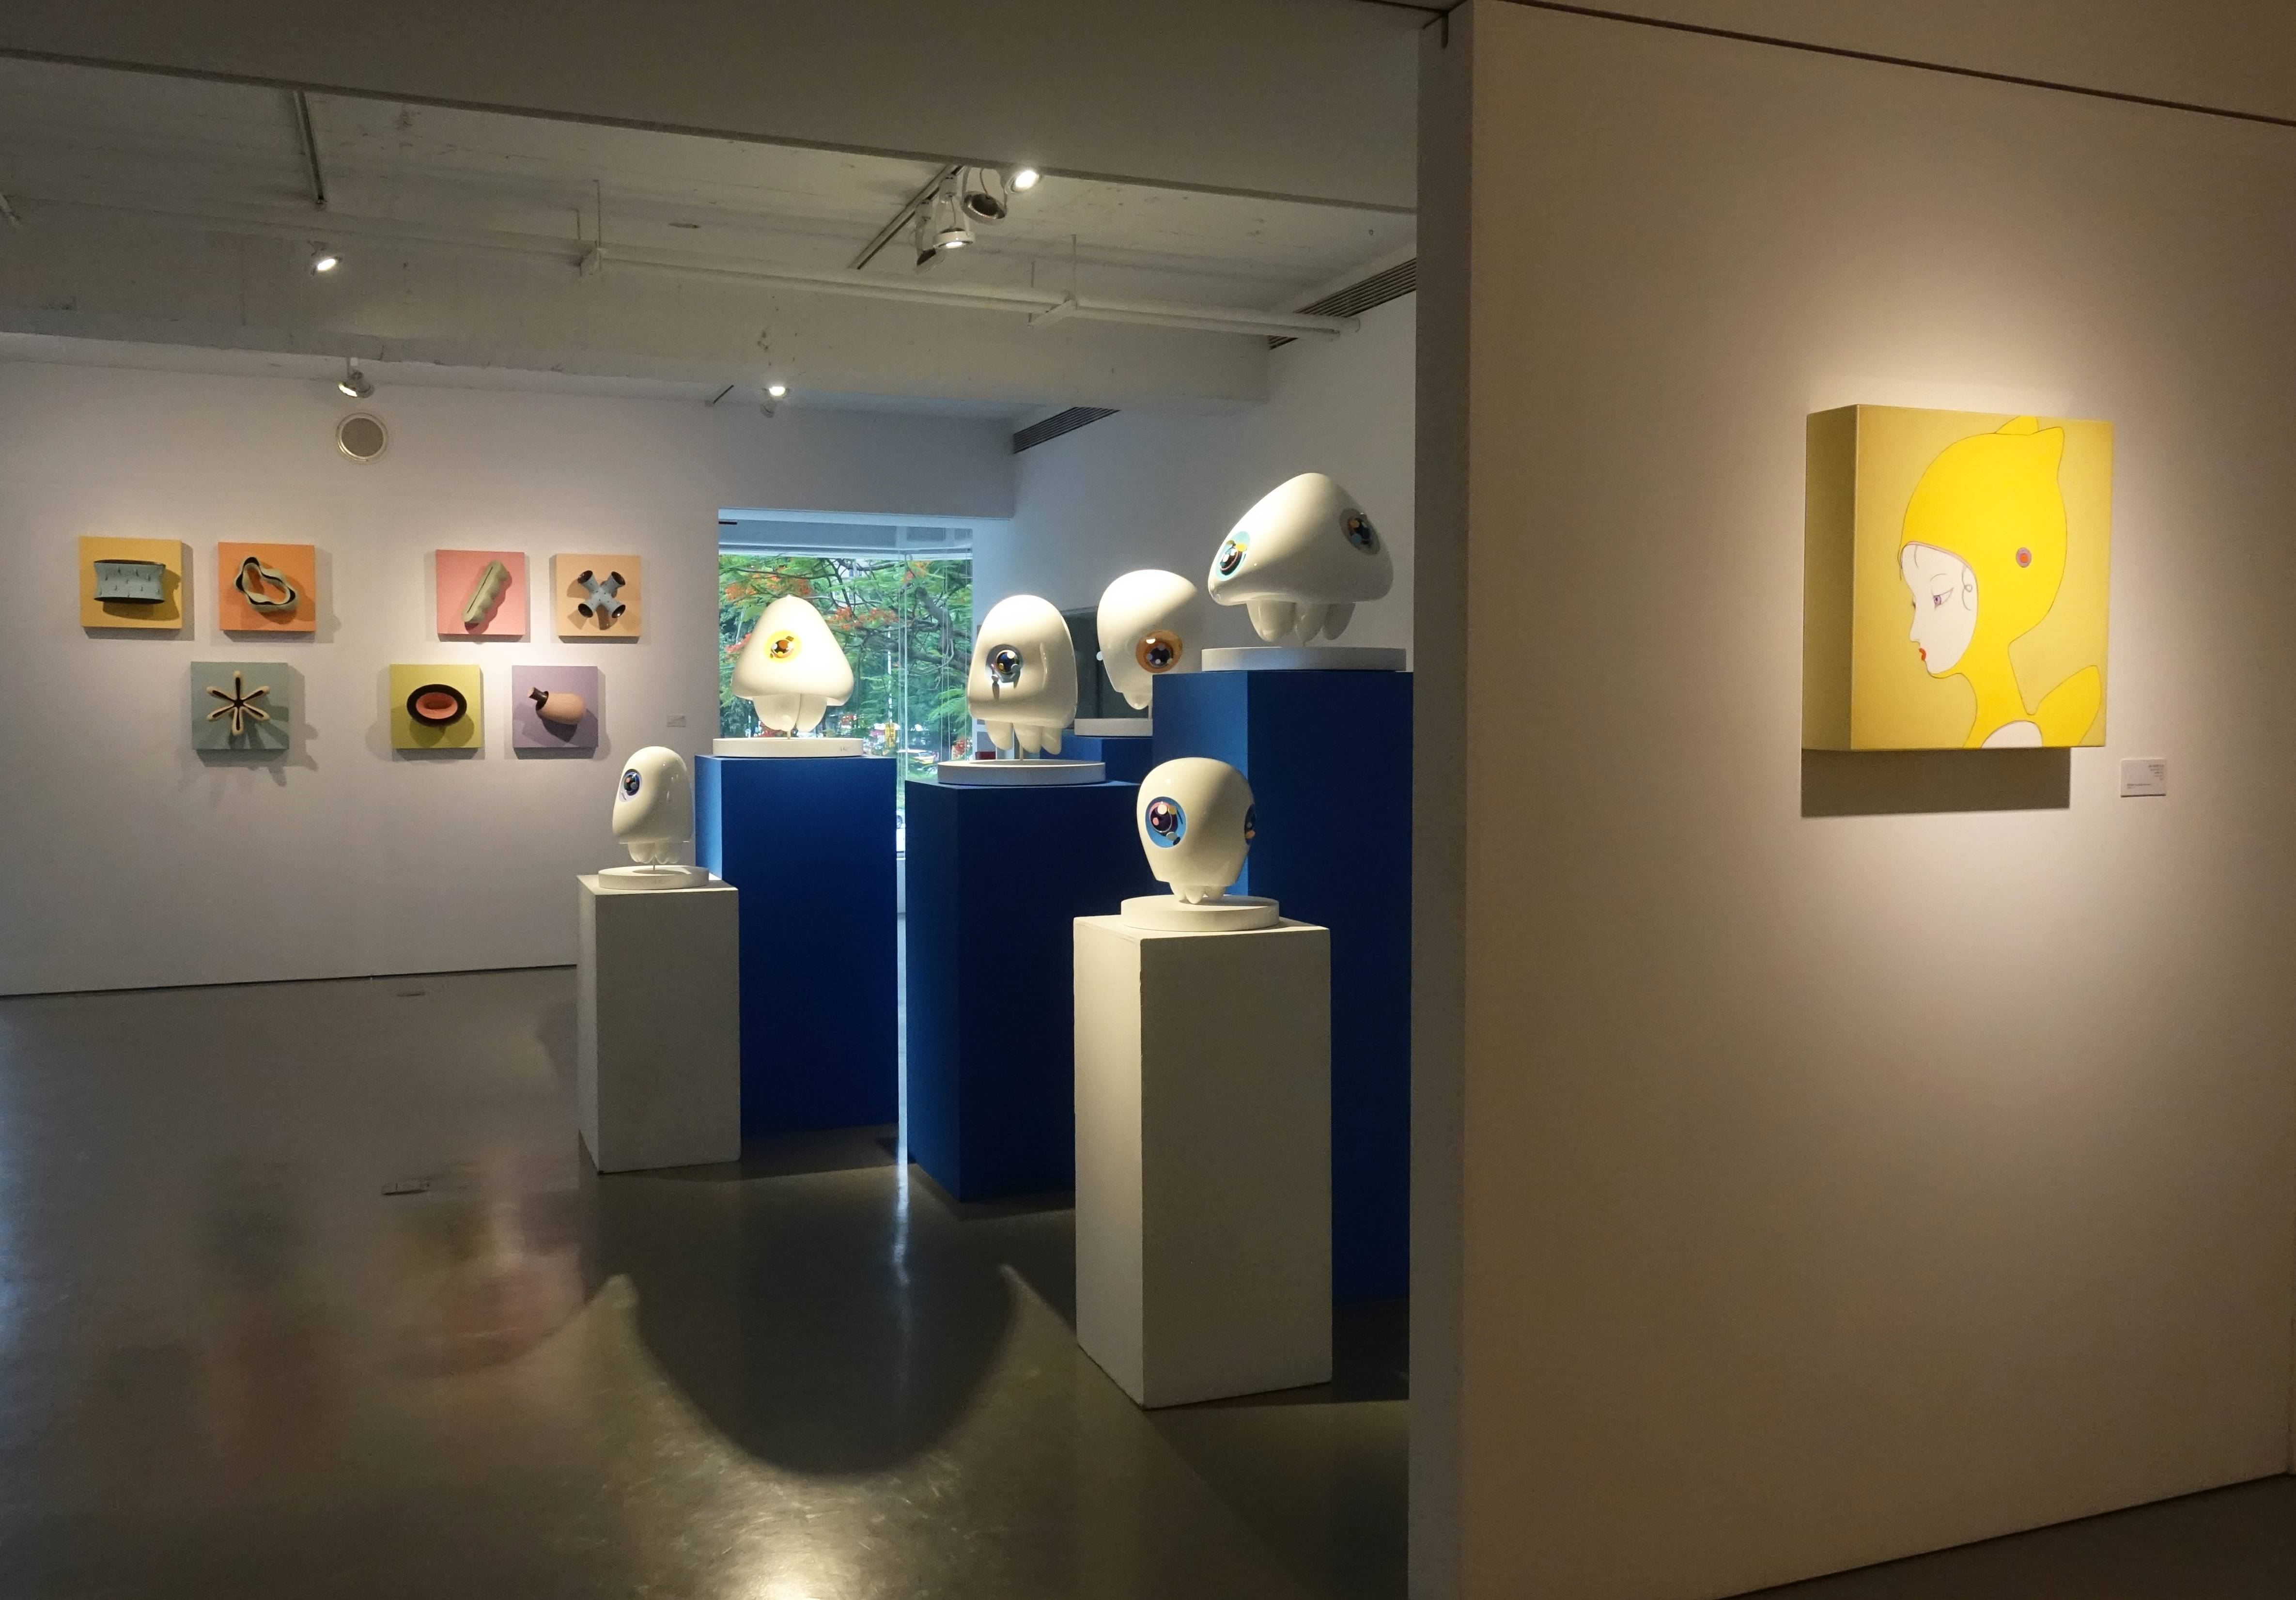 「時間、人間、空間」公共藝術系列展覽空間。